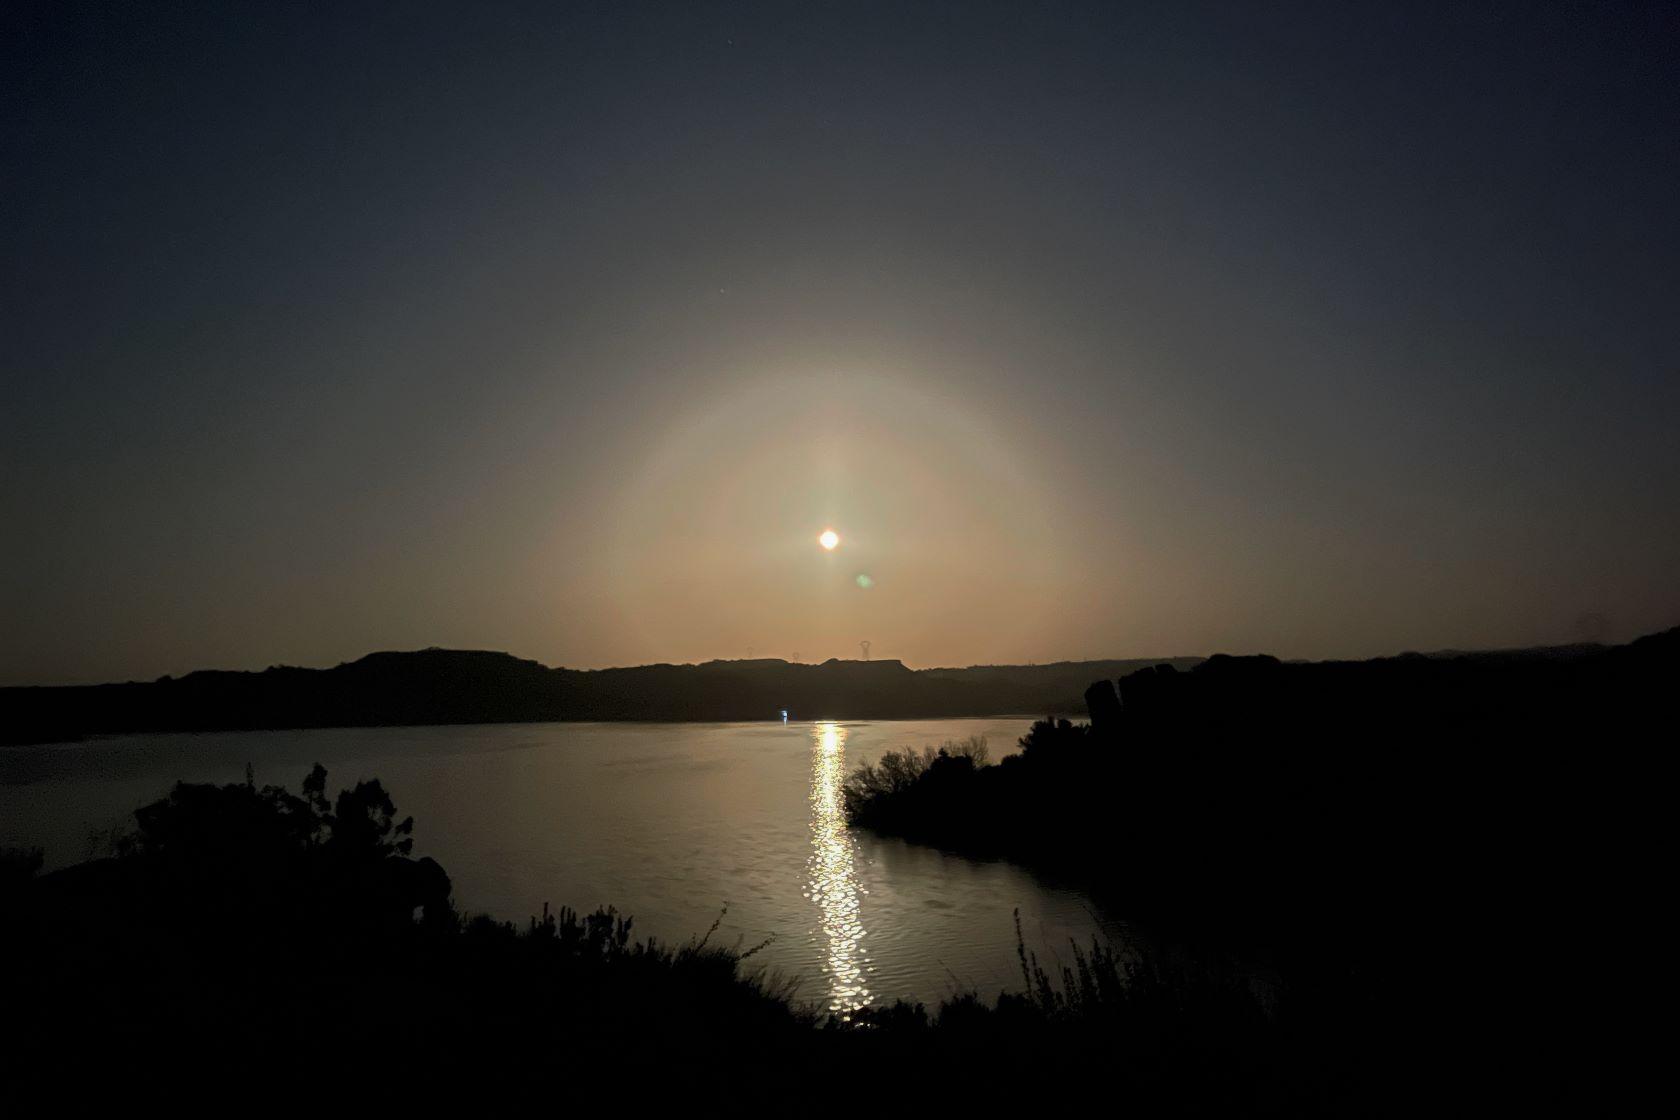 Stairecase to the moon Spanien Rio Ebro